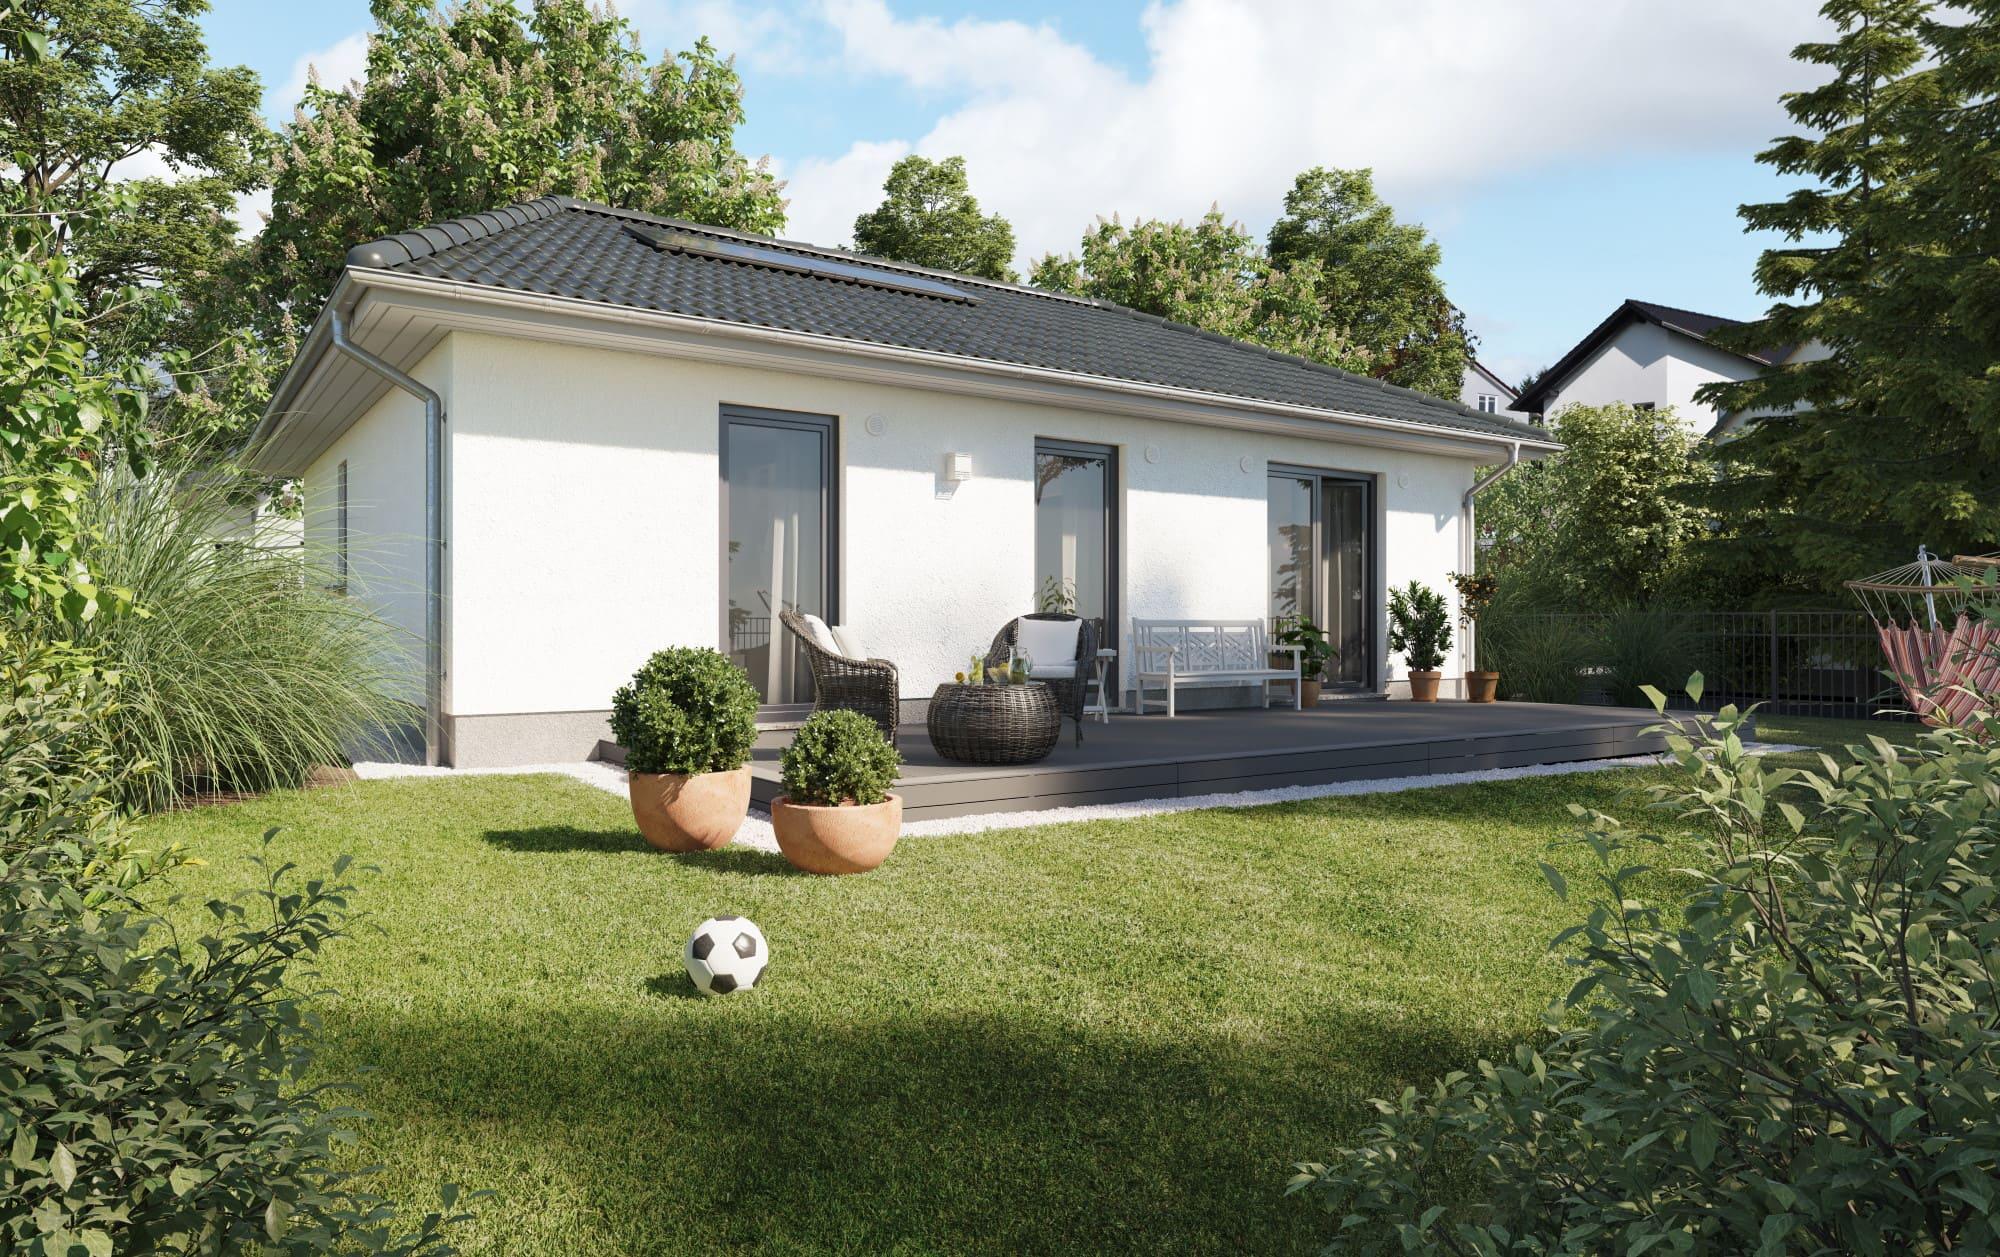 Bungalow Haus massiv mit Walmdach Architektur & Putz Fassade - Haus bauen Ideen Town Country Massivhaus Bungalow 78 Elegance - HausbauDirekt.de